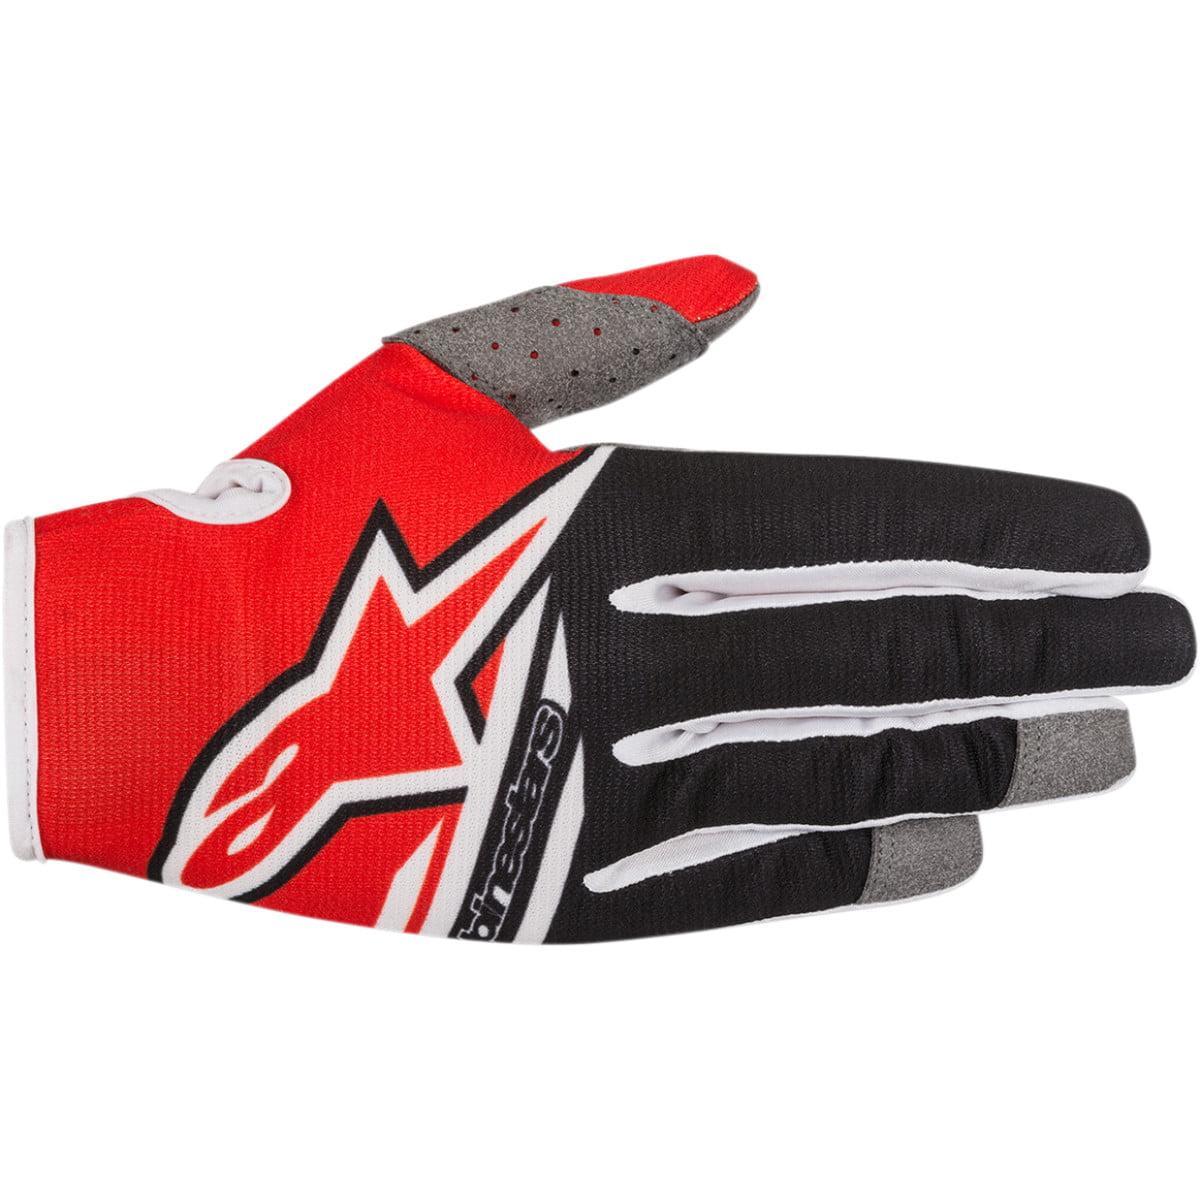 Alpinestars Radar Flight Gloves Short Cuff Gloves (multi Black/red, Medium)